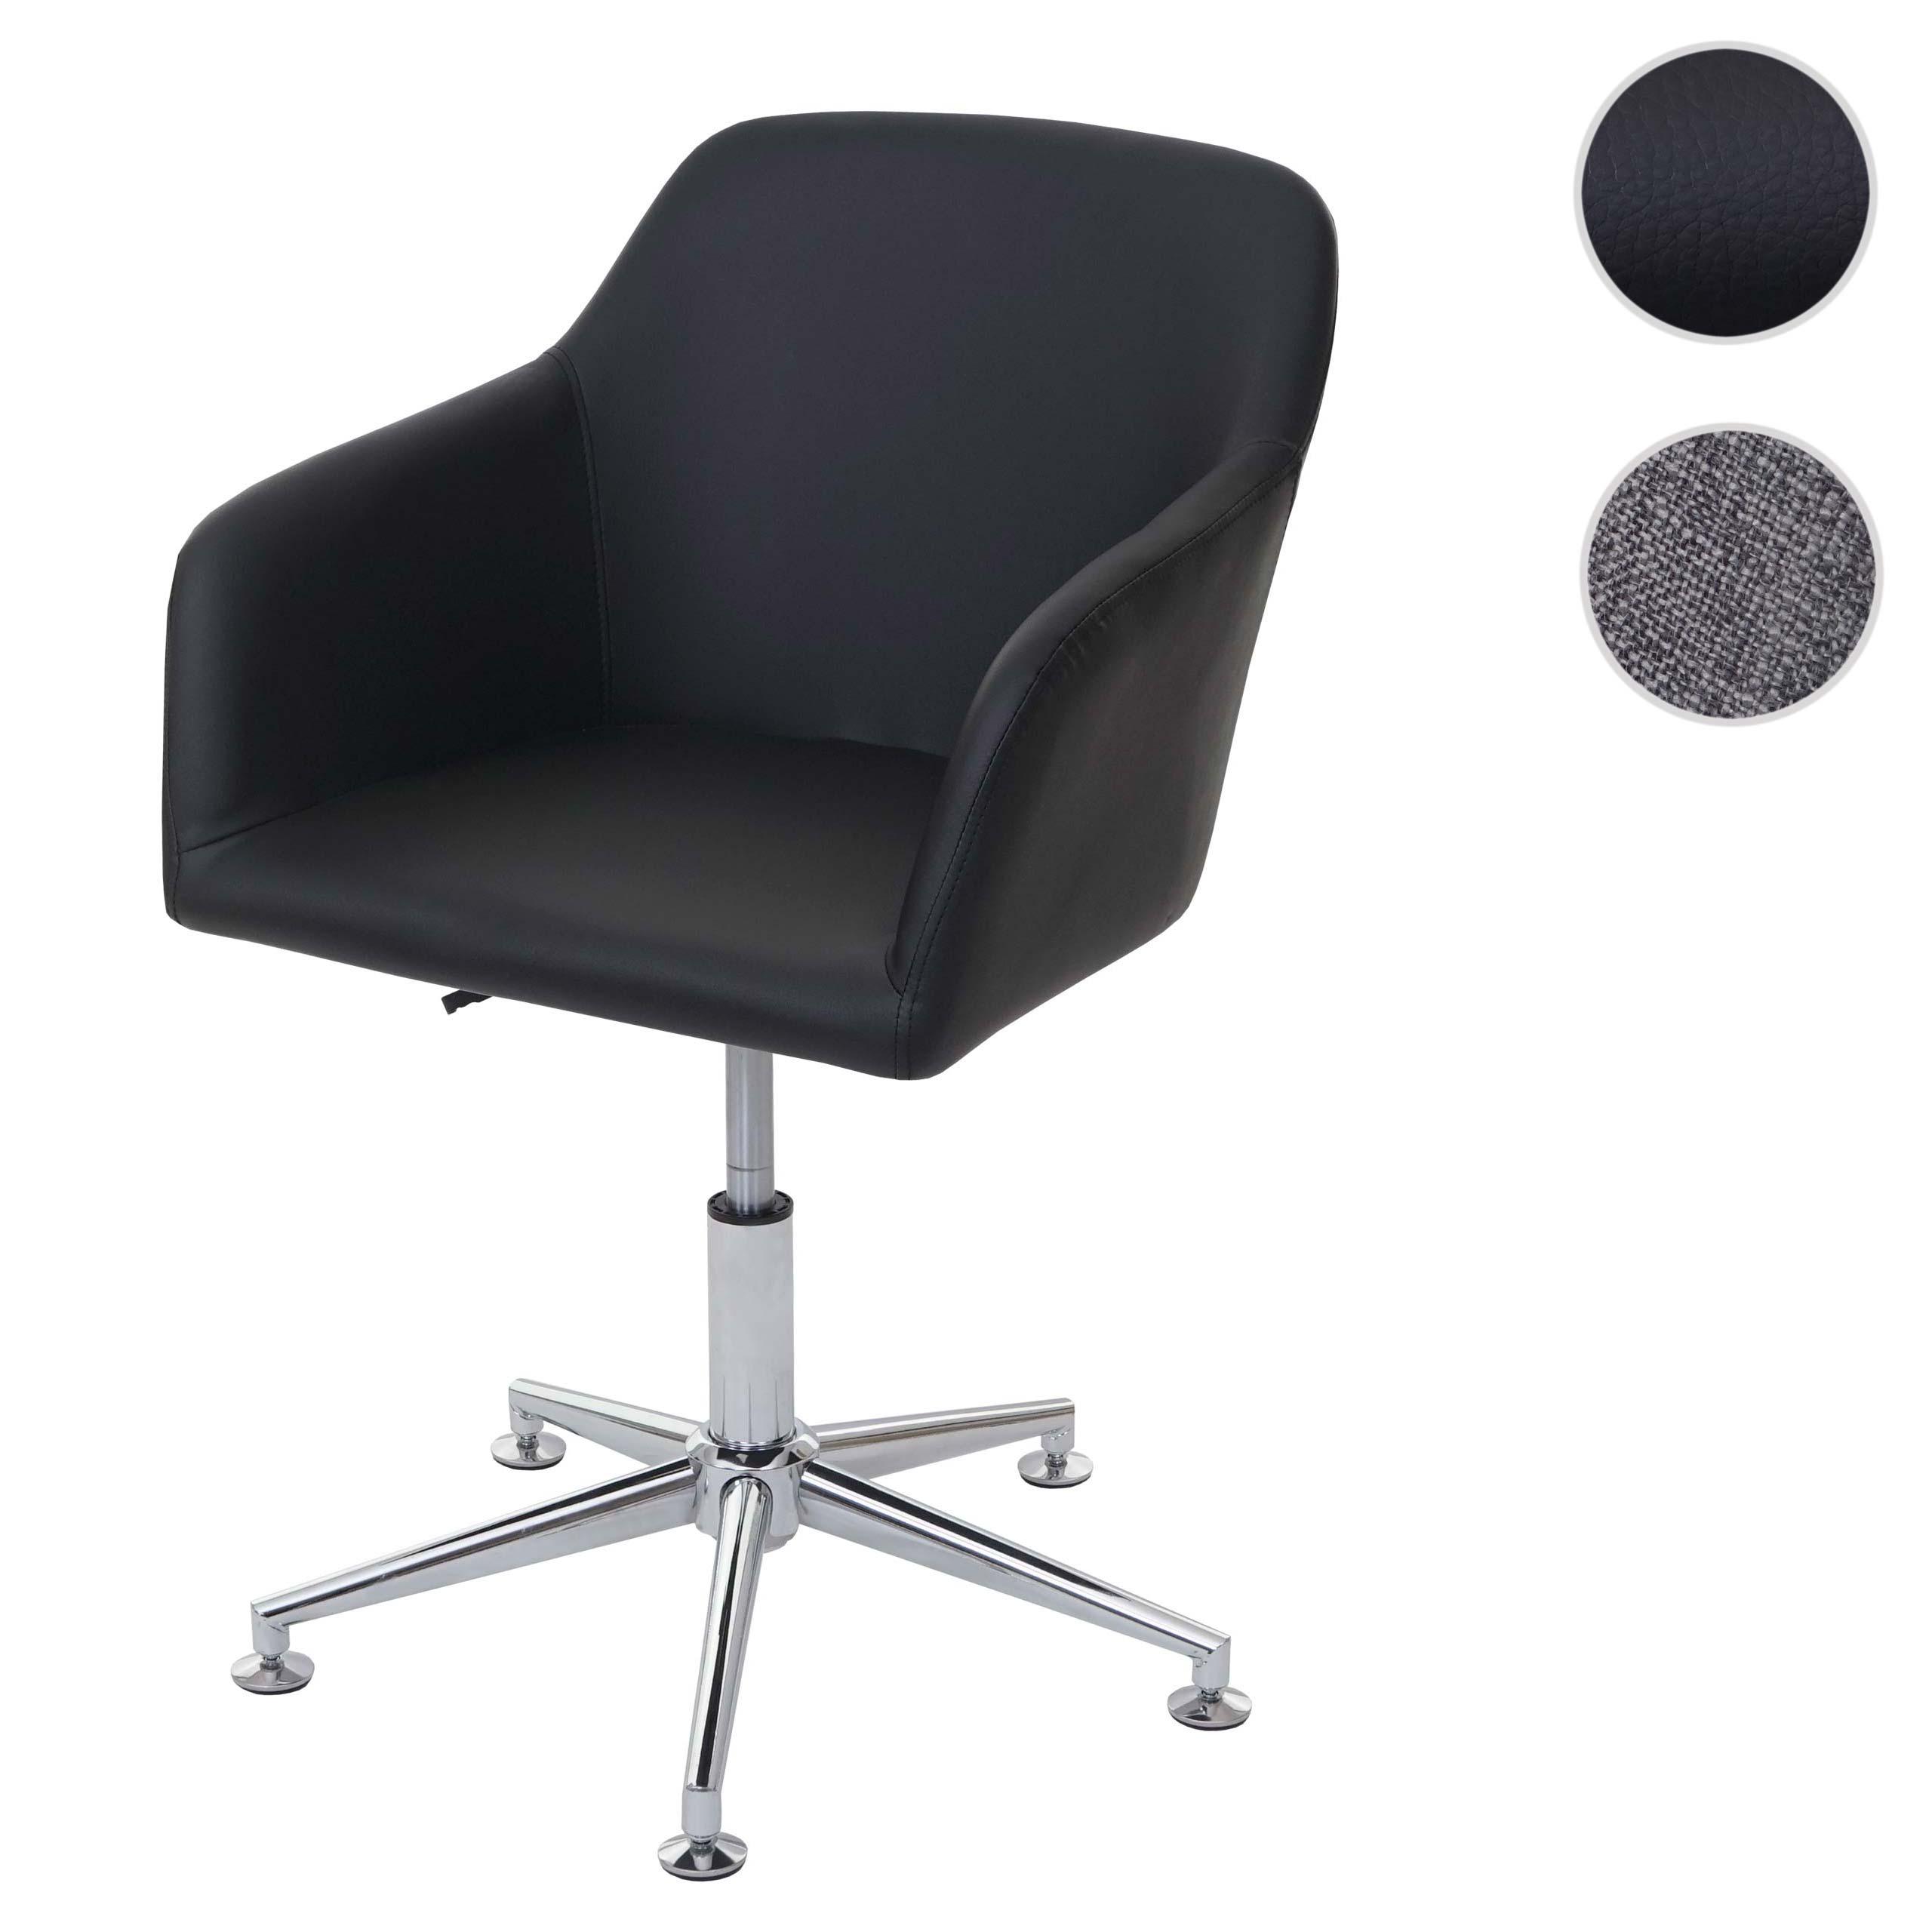 stuhl sitzh he 55cm machen sie den preisvergleich bei nextag. Black Bedroom Furniture Sets. Home Design Ideas